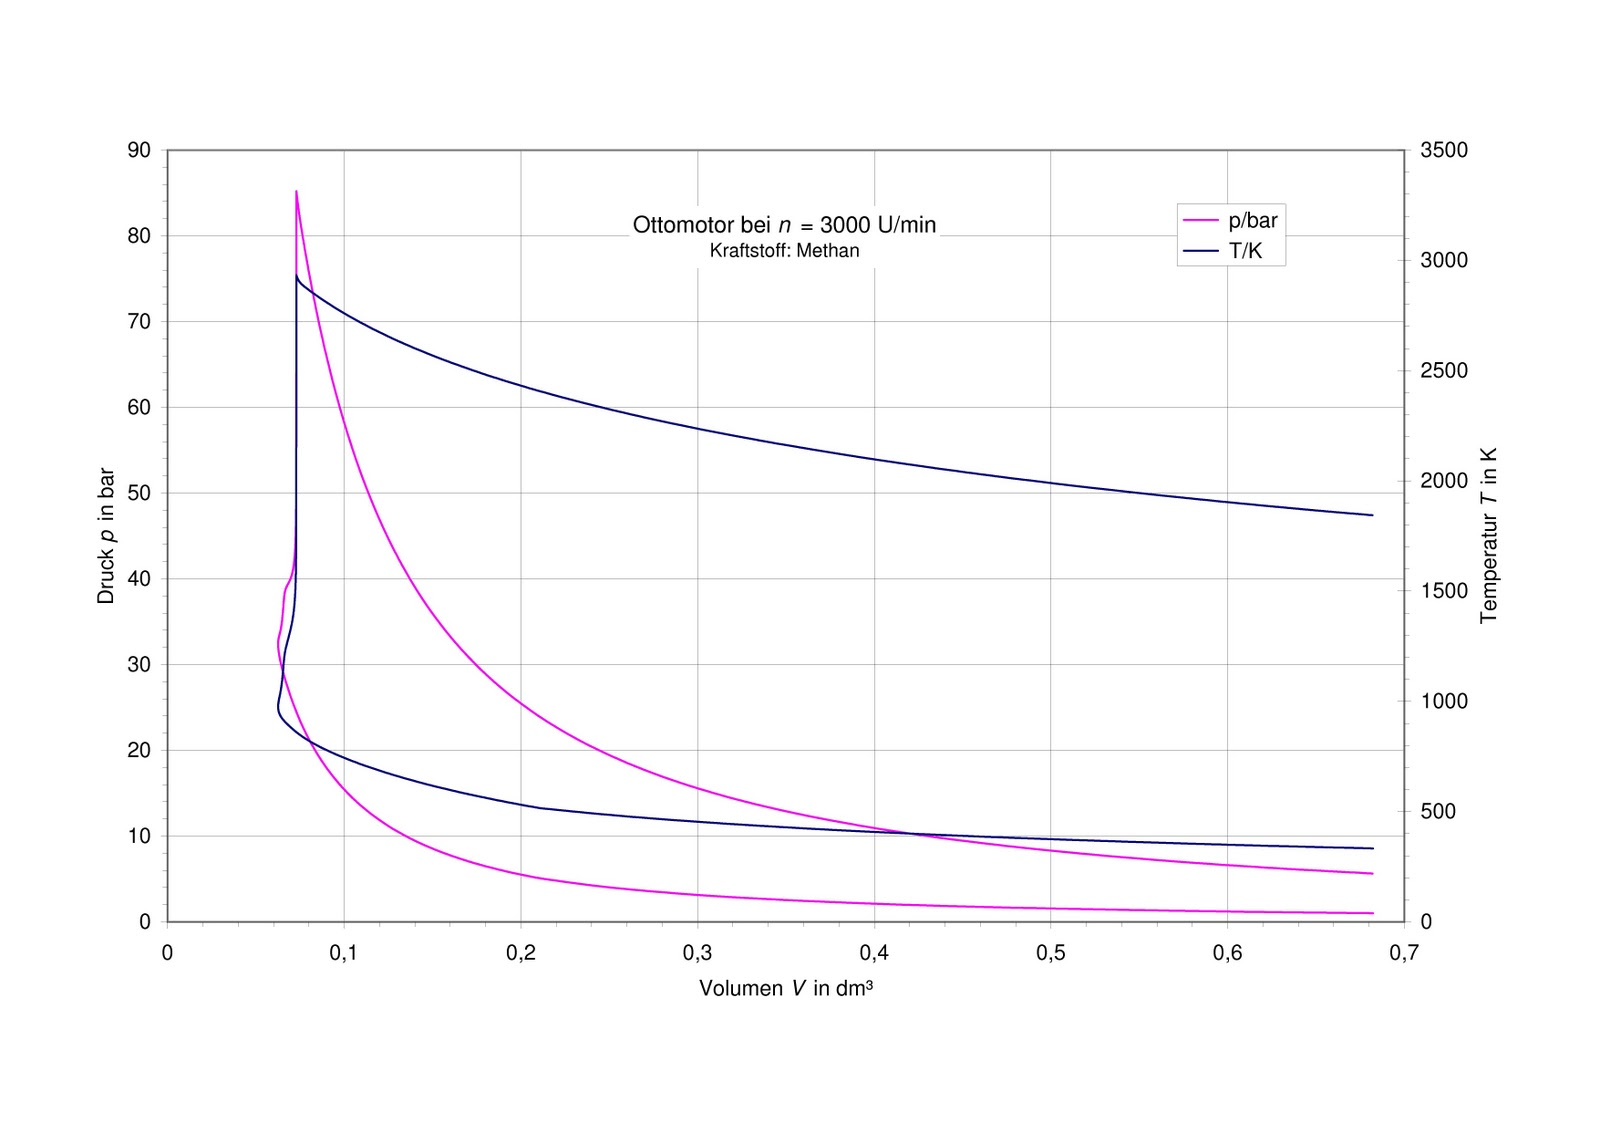 Thermodynamische Funktionen: Verbrennungsprozess im Otto-Motor